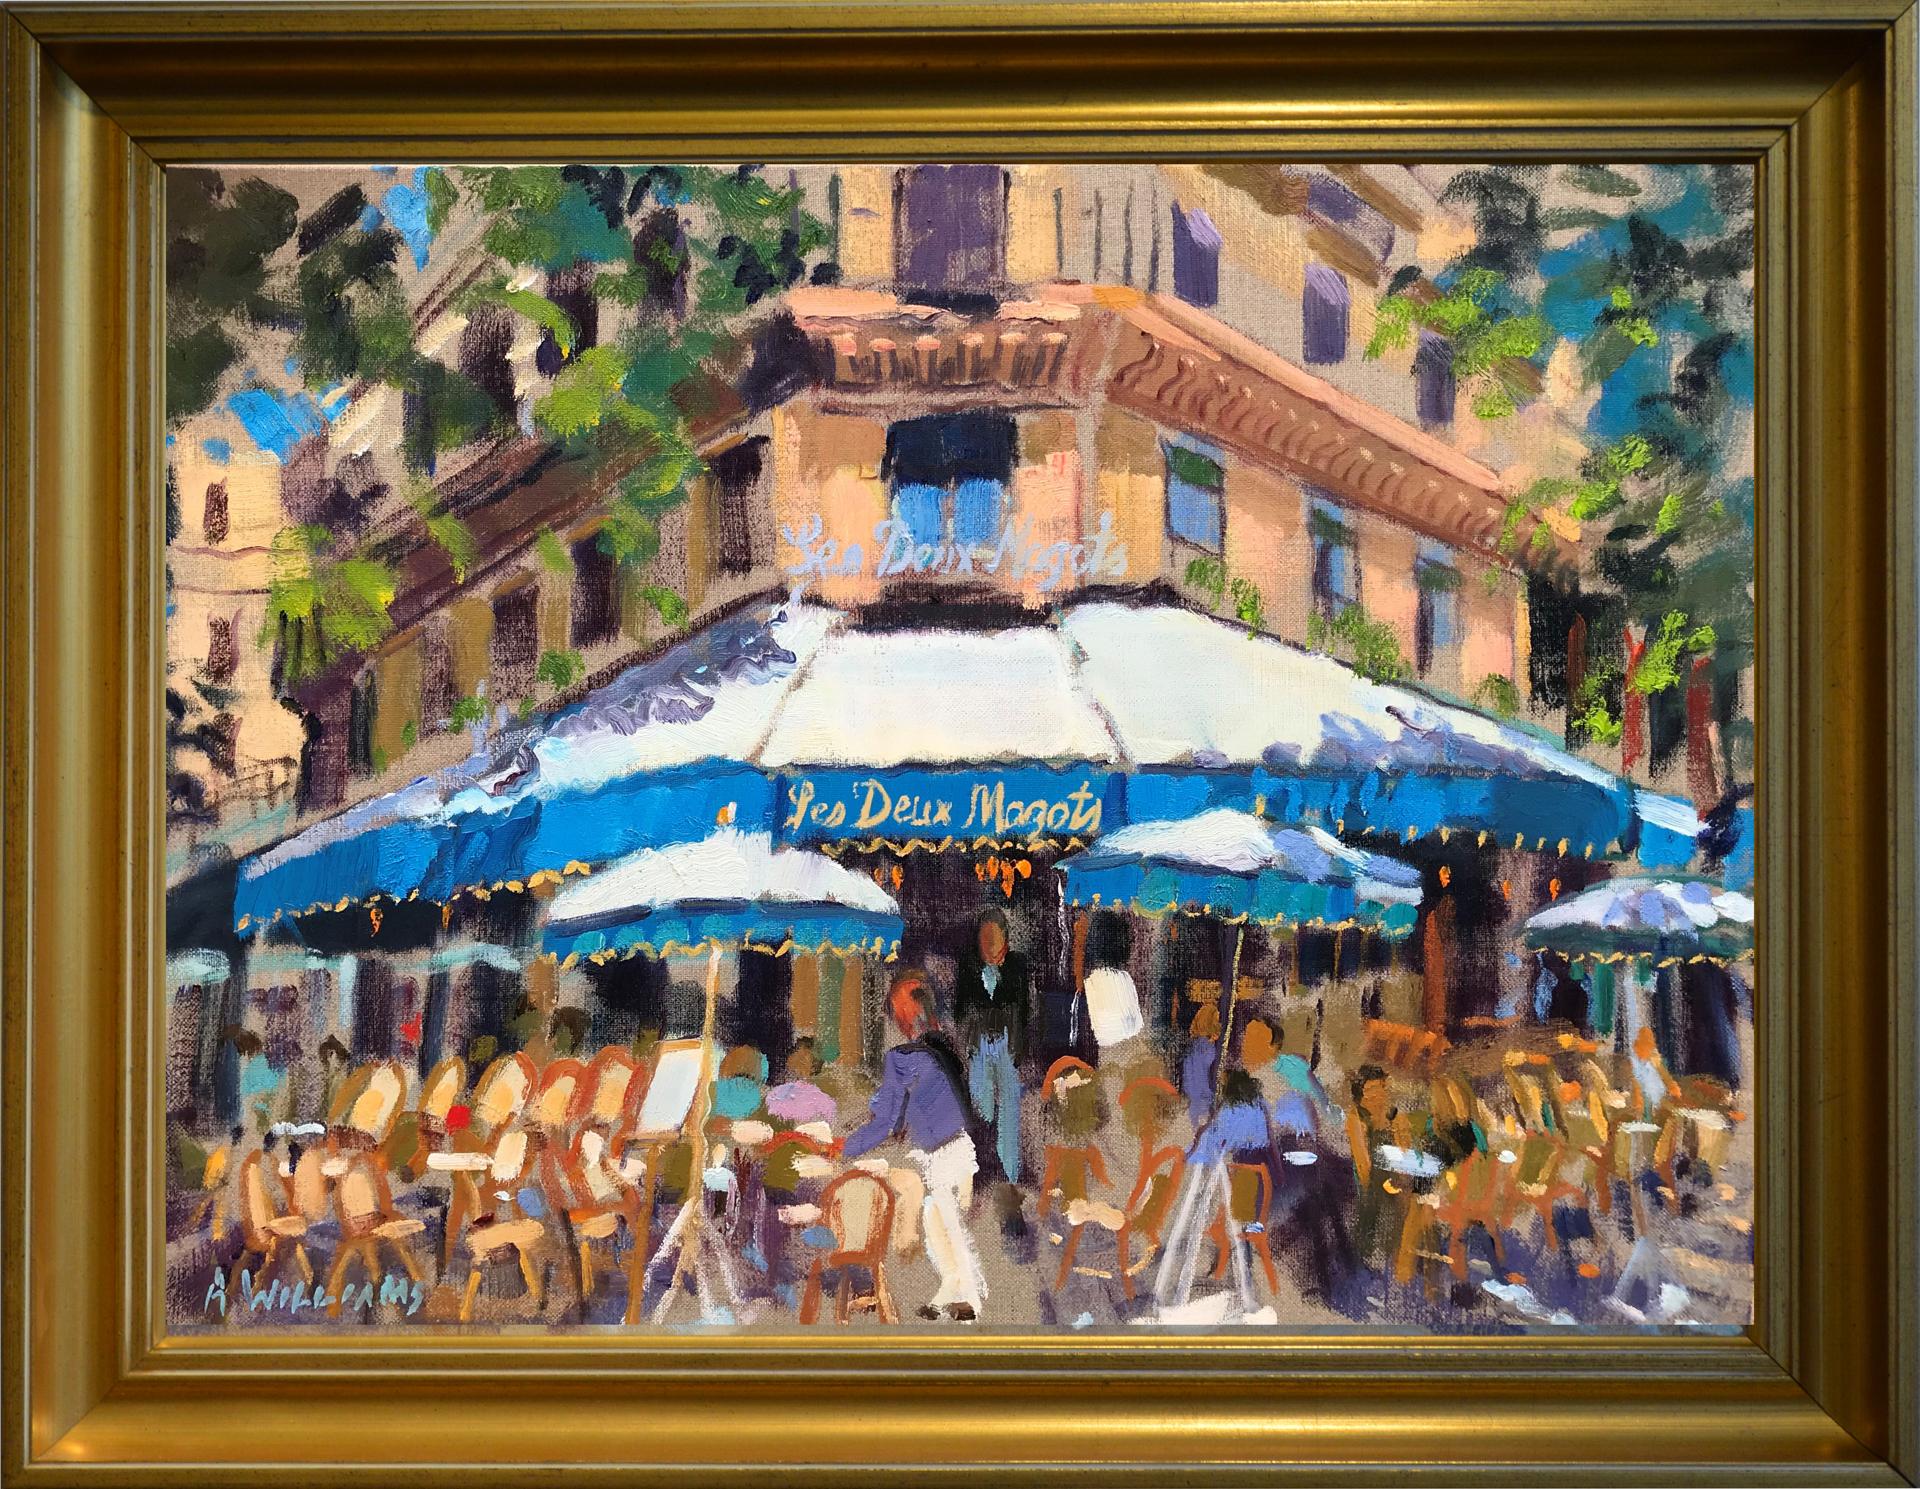 Dejeuner Les Deux Magots by Alice Williams